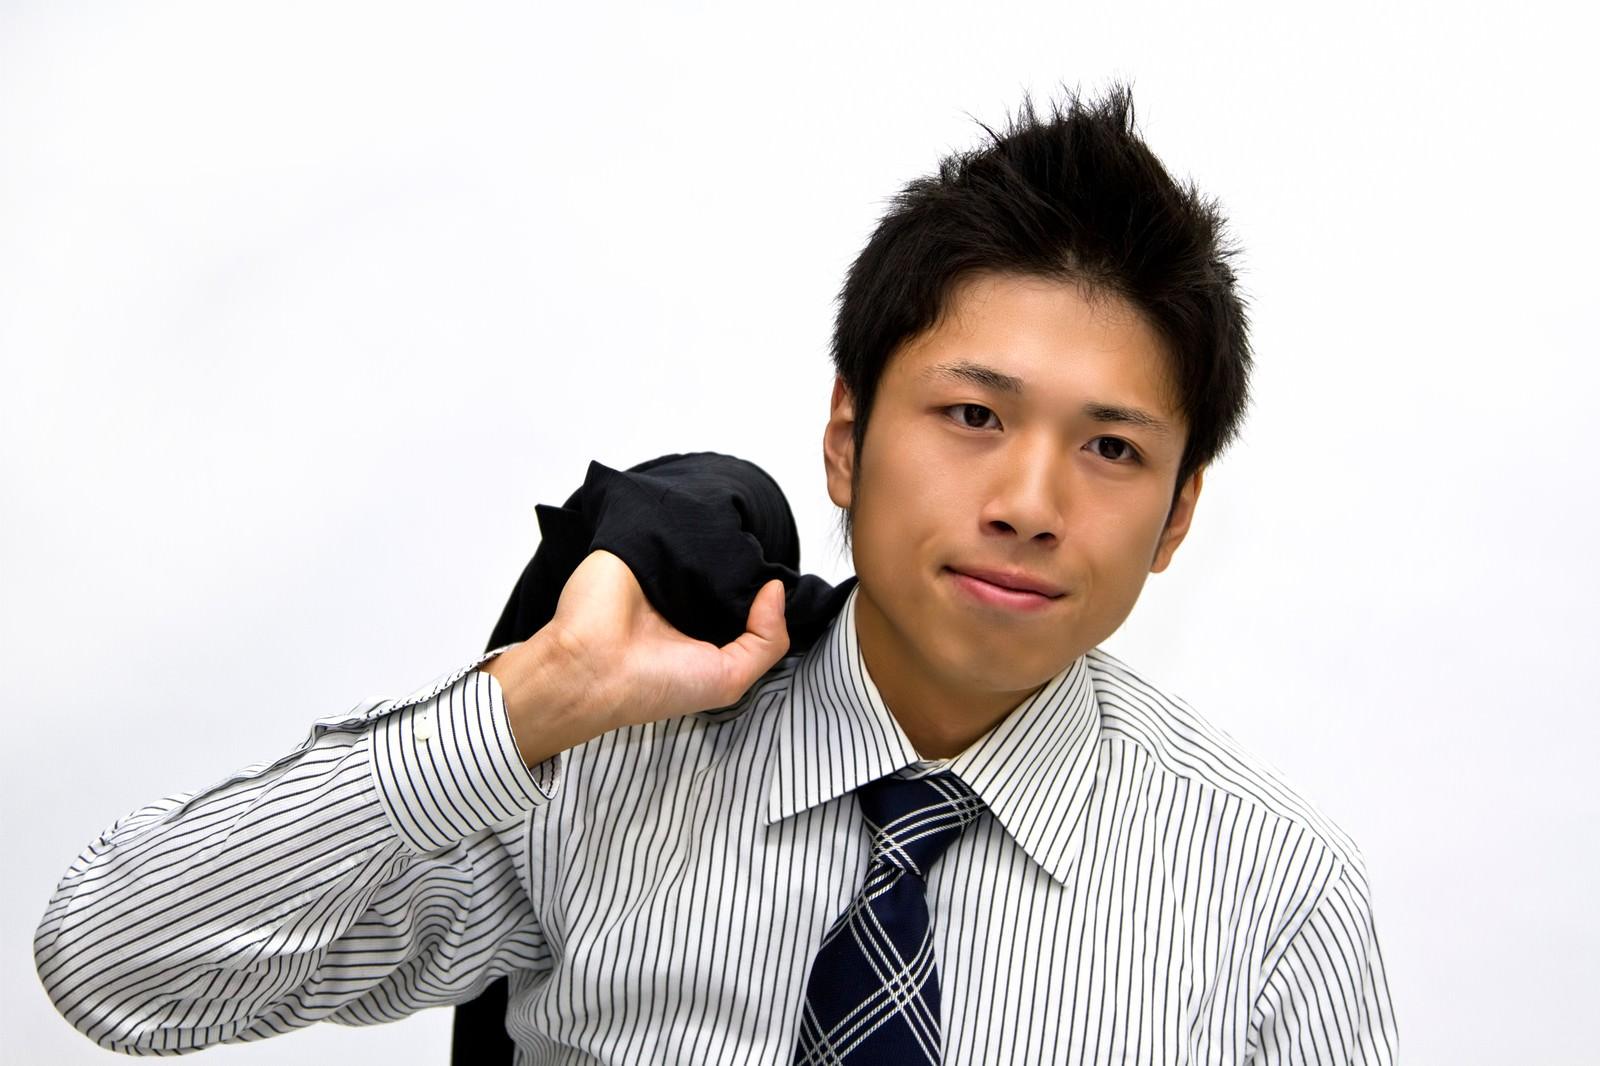 「上着を持つネクタイ姿のビジネスマン上着を持つネクタイ姿のビジネスマン」[モデル:恭平]のフリー写真素材を拡大